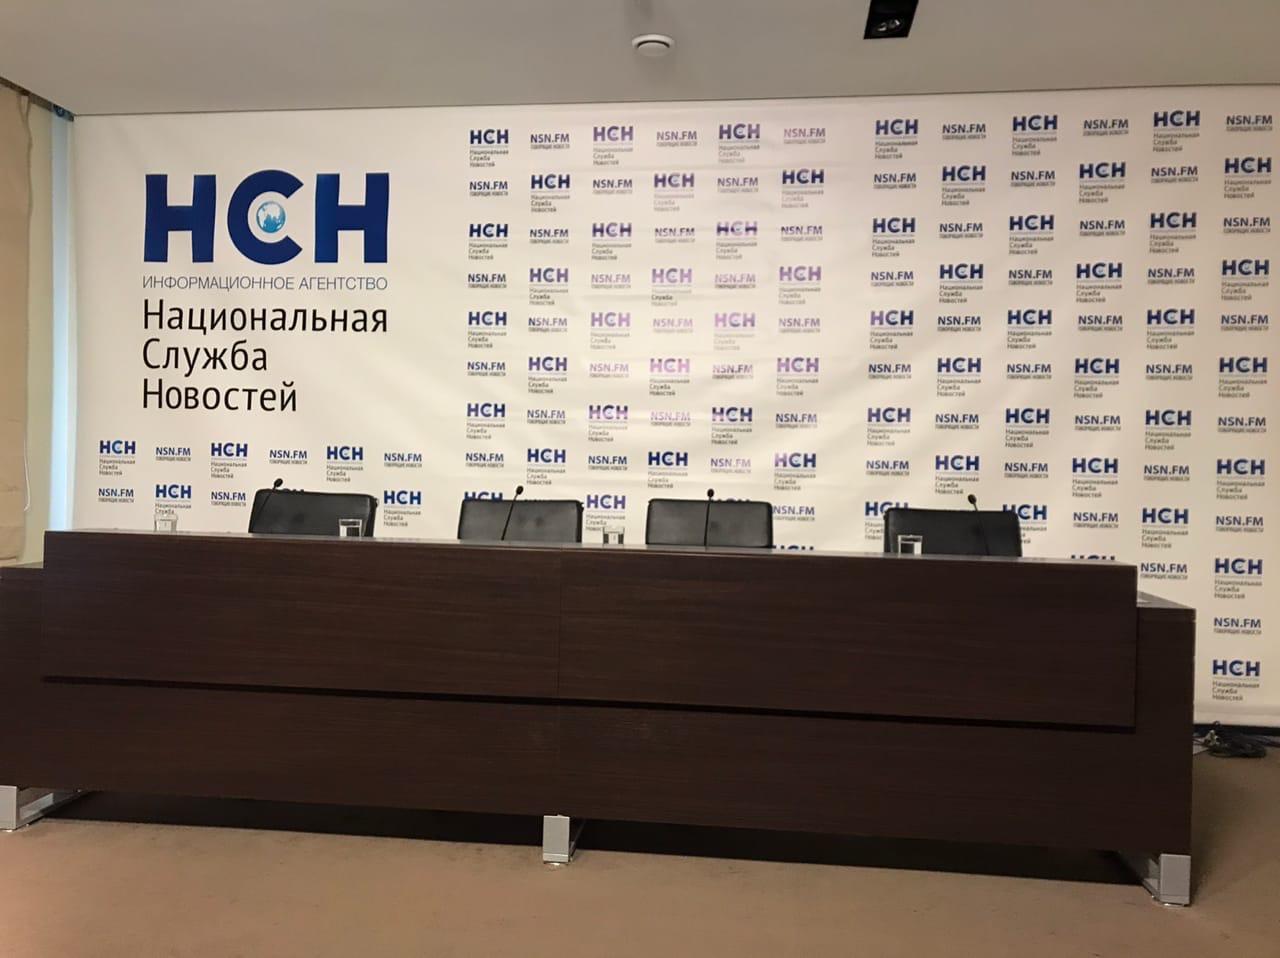 Роспуск Правительства РФ: чего людям ждать дальше?